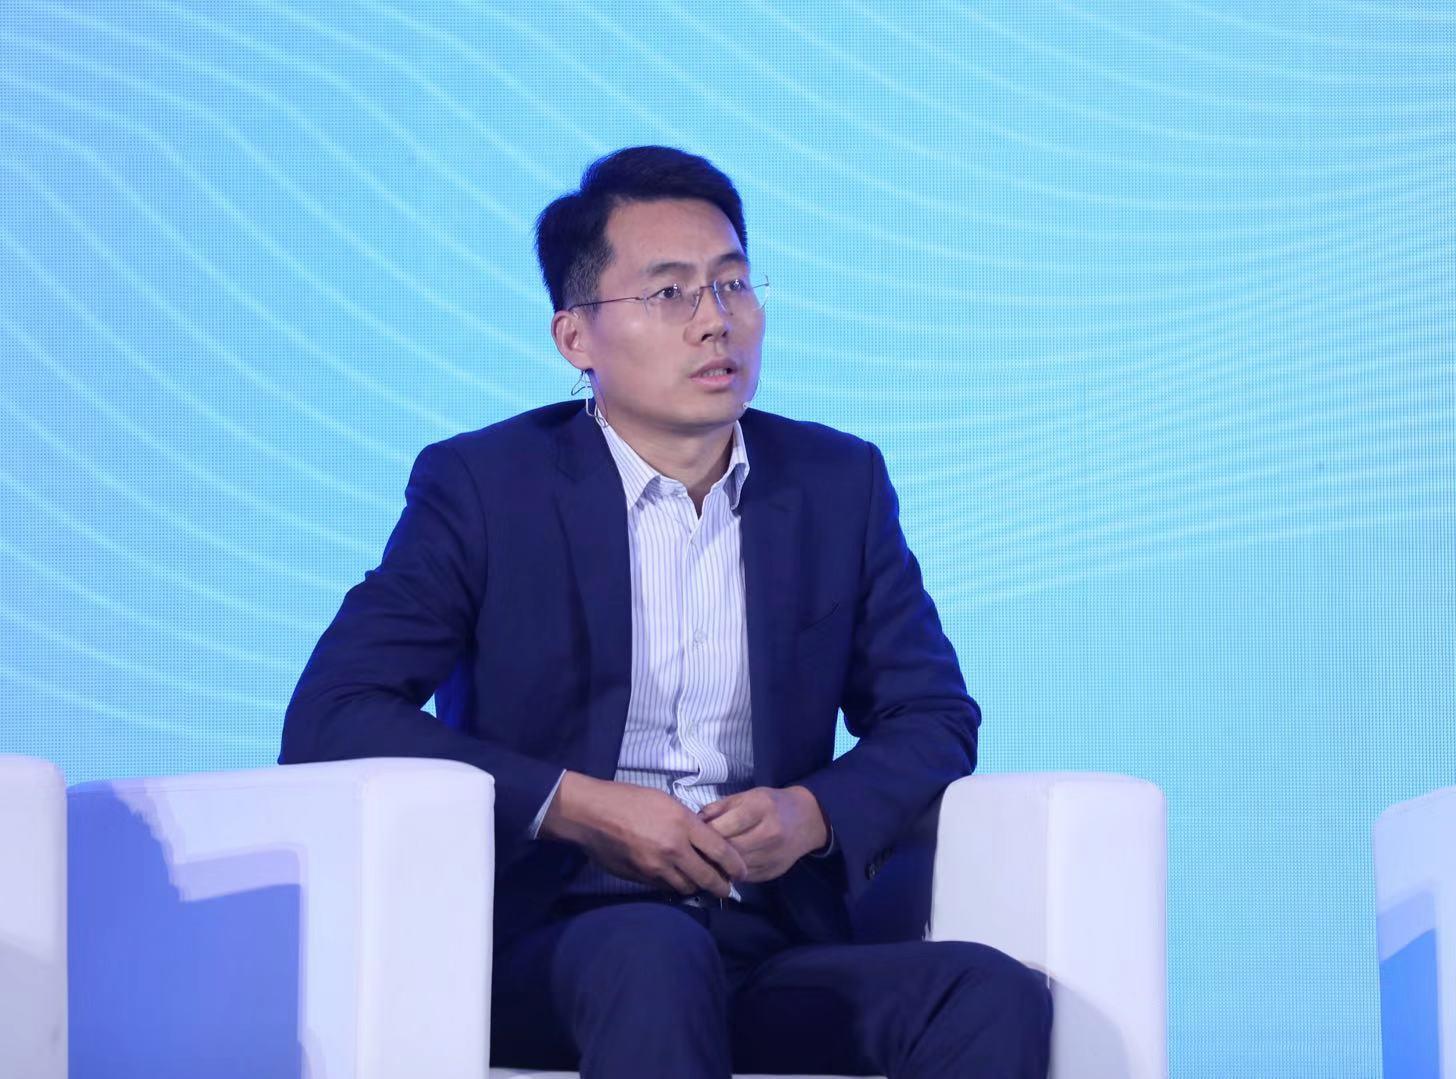 易方达资产管理有限公司总经理助理、创业投资总监樊正伟